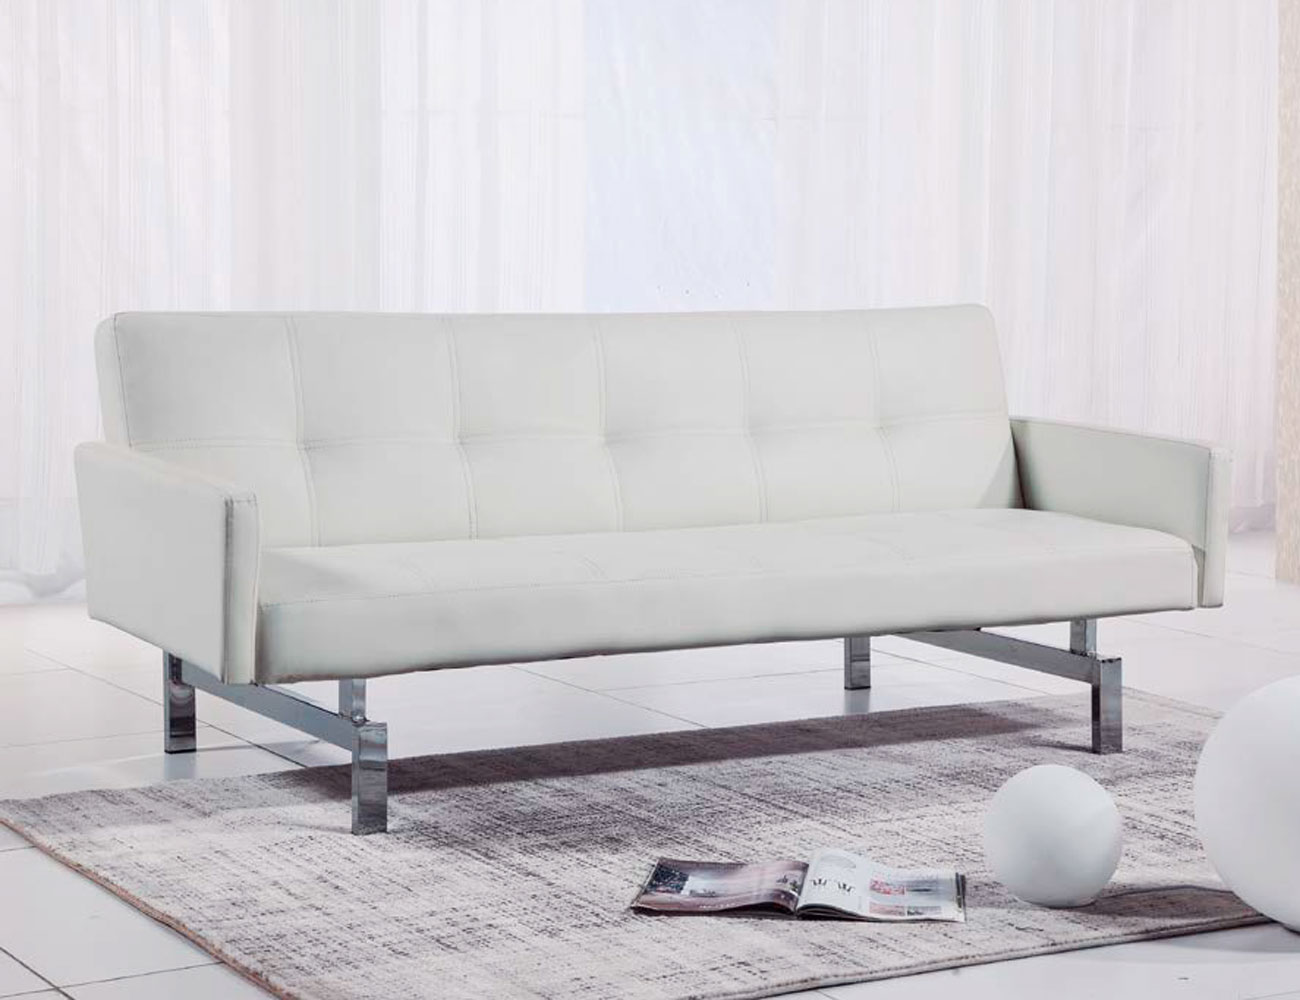 Sofa cama sevilla wodumu - Sofa cama segunda mano sevilla ...